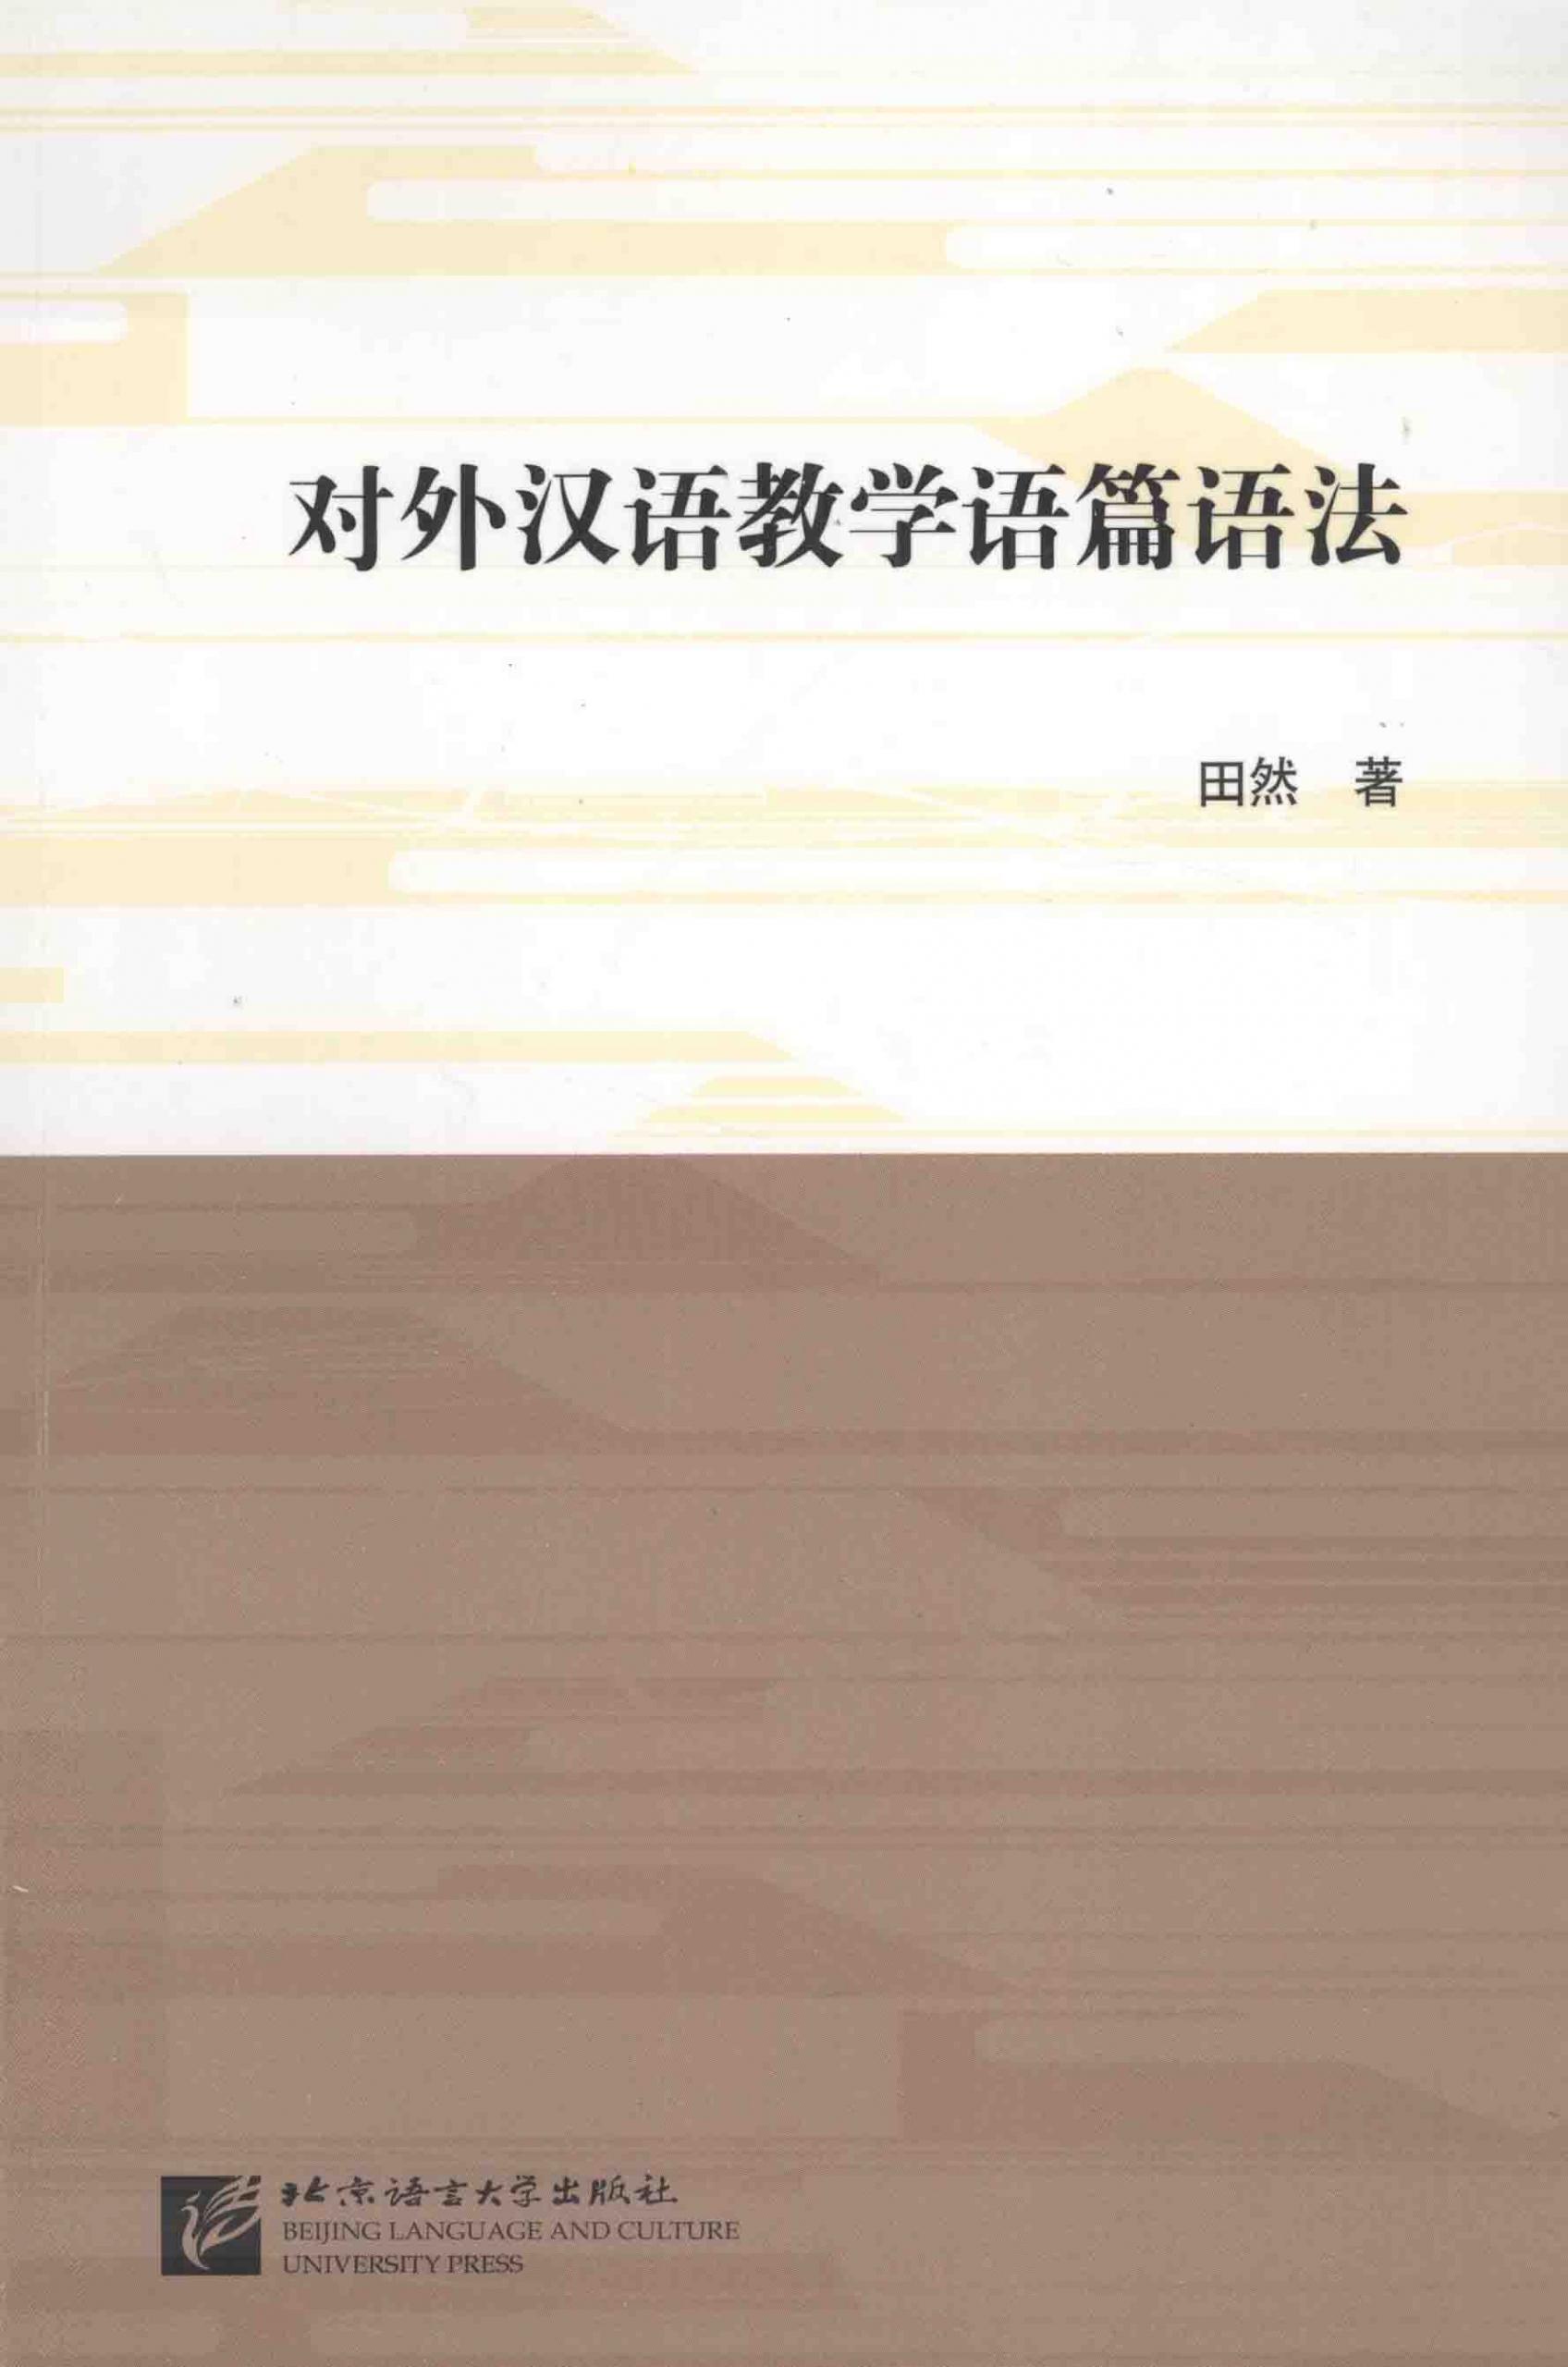 对外汉语教学语篇语法 田然  PDF